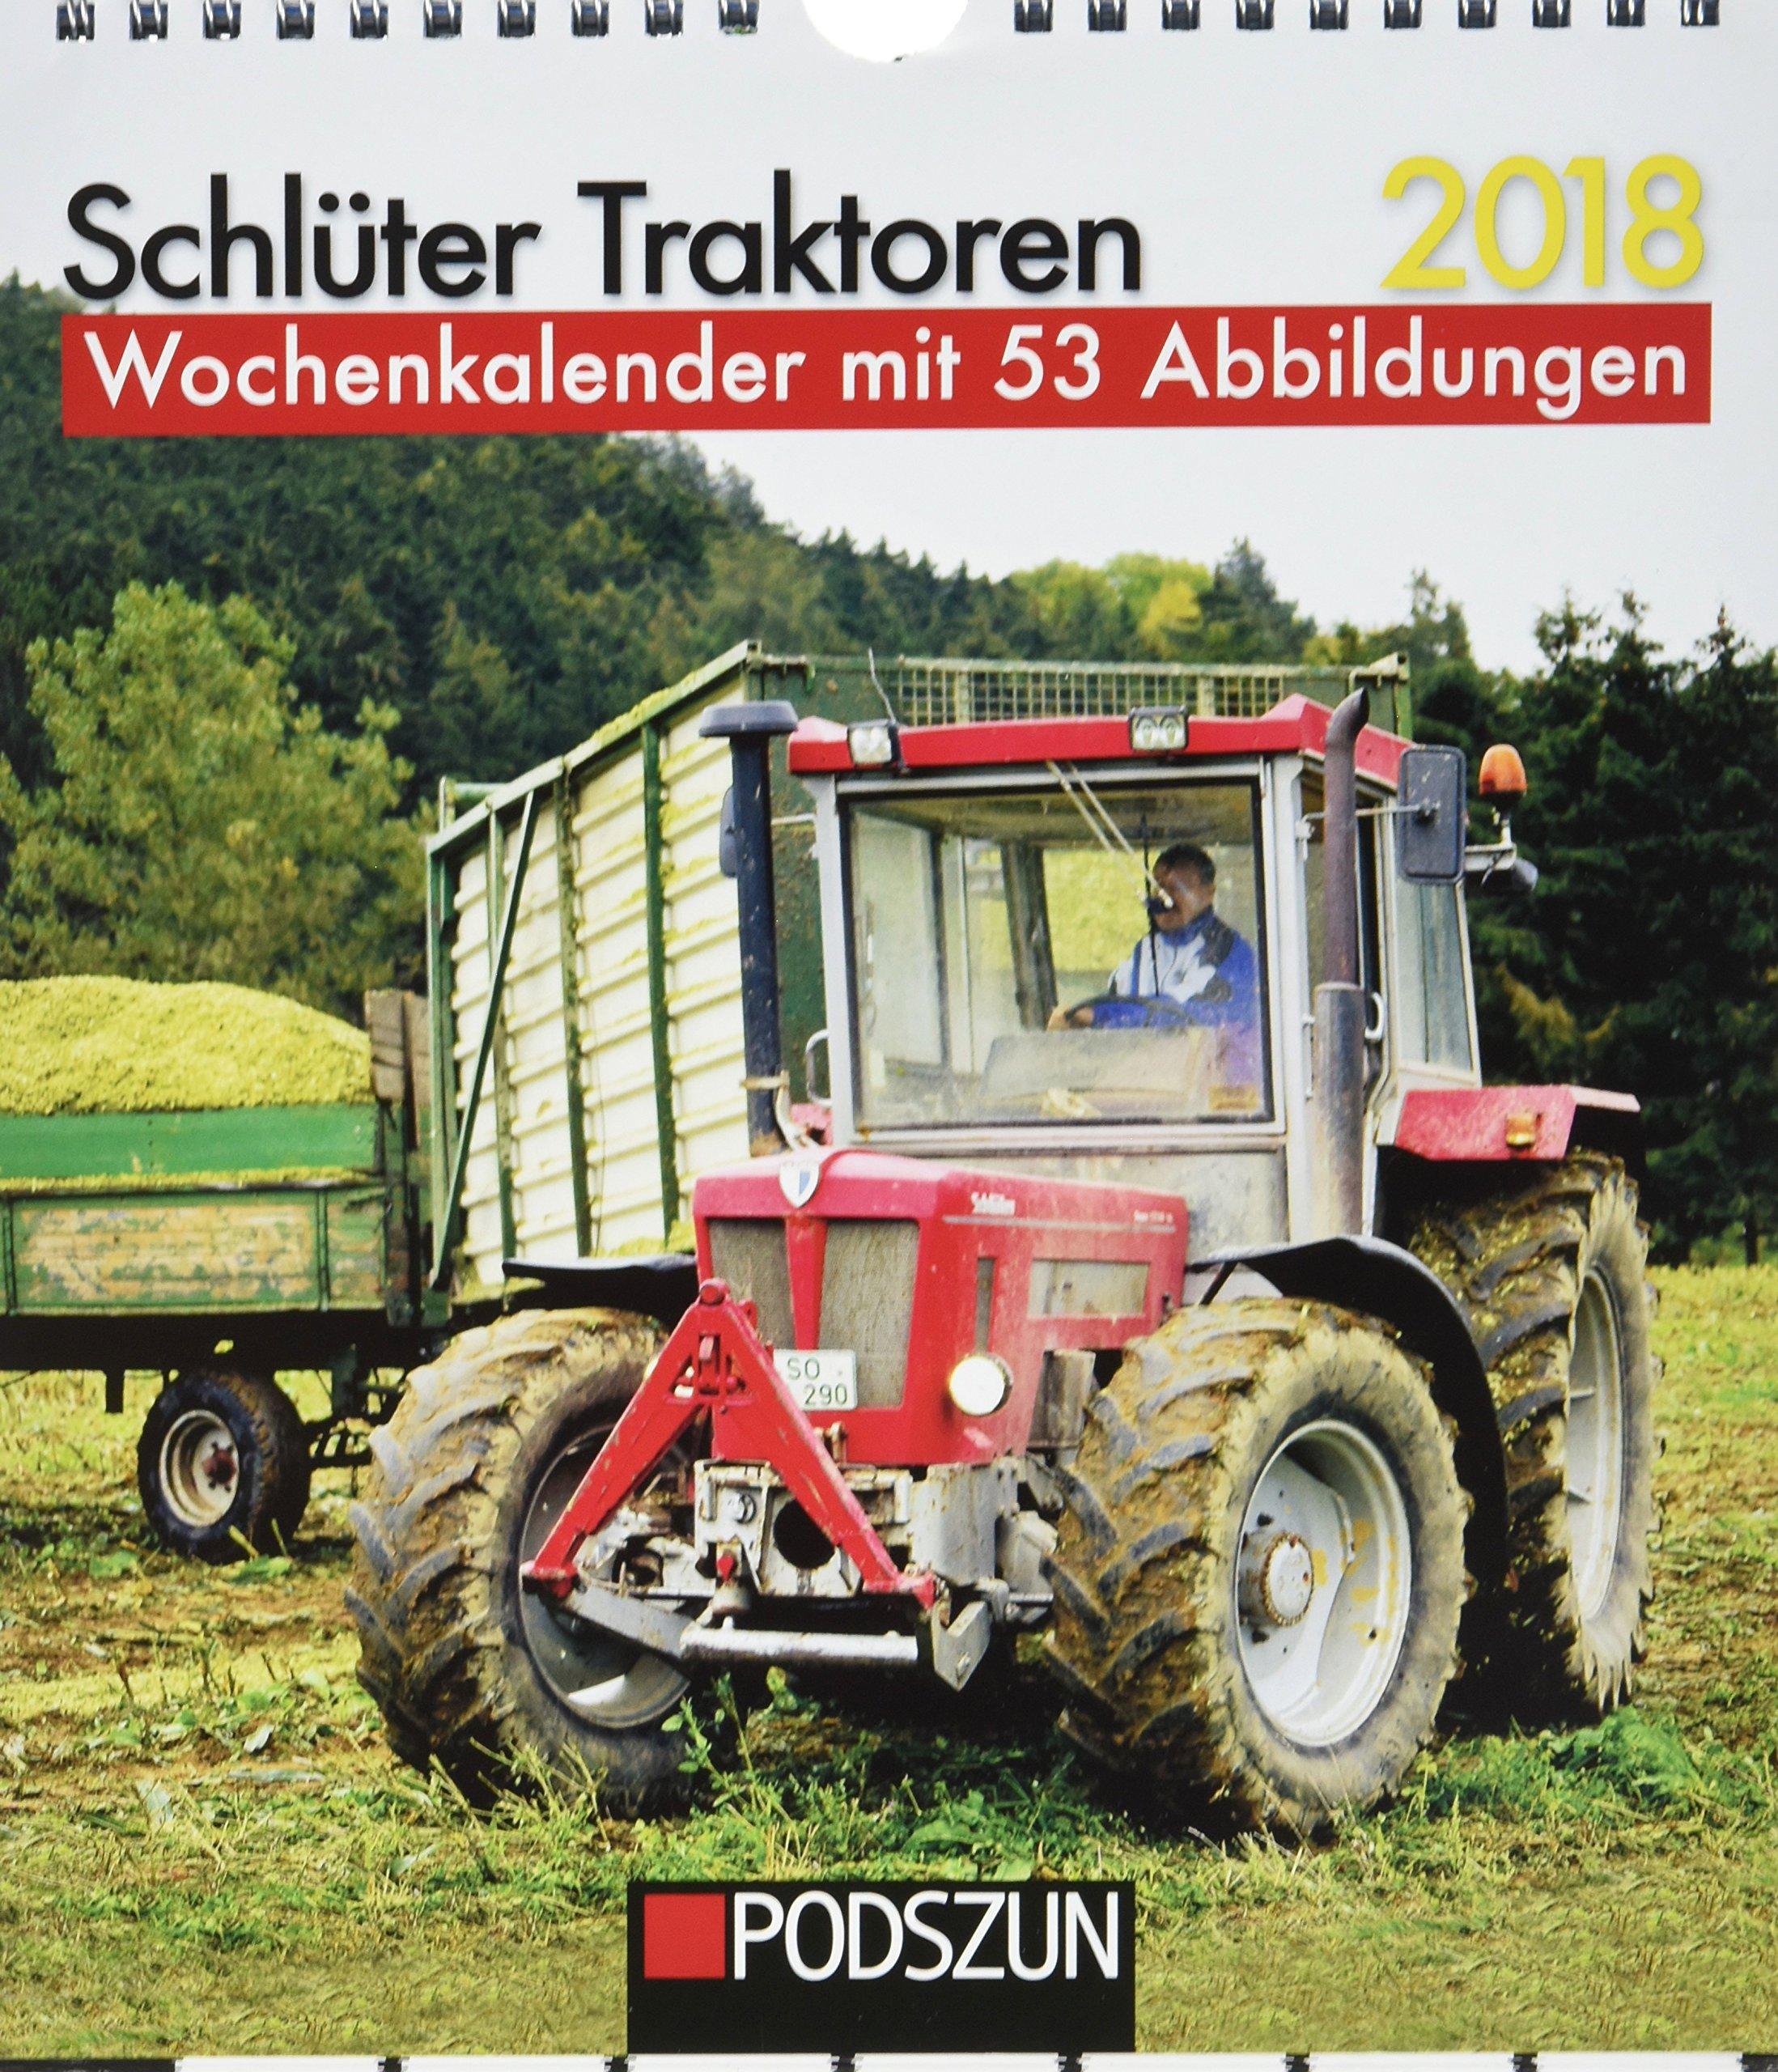 Schlüter Traktoren 2018